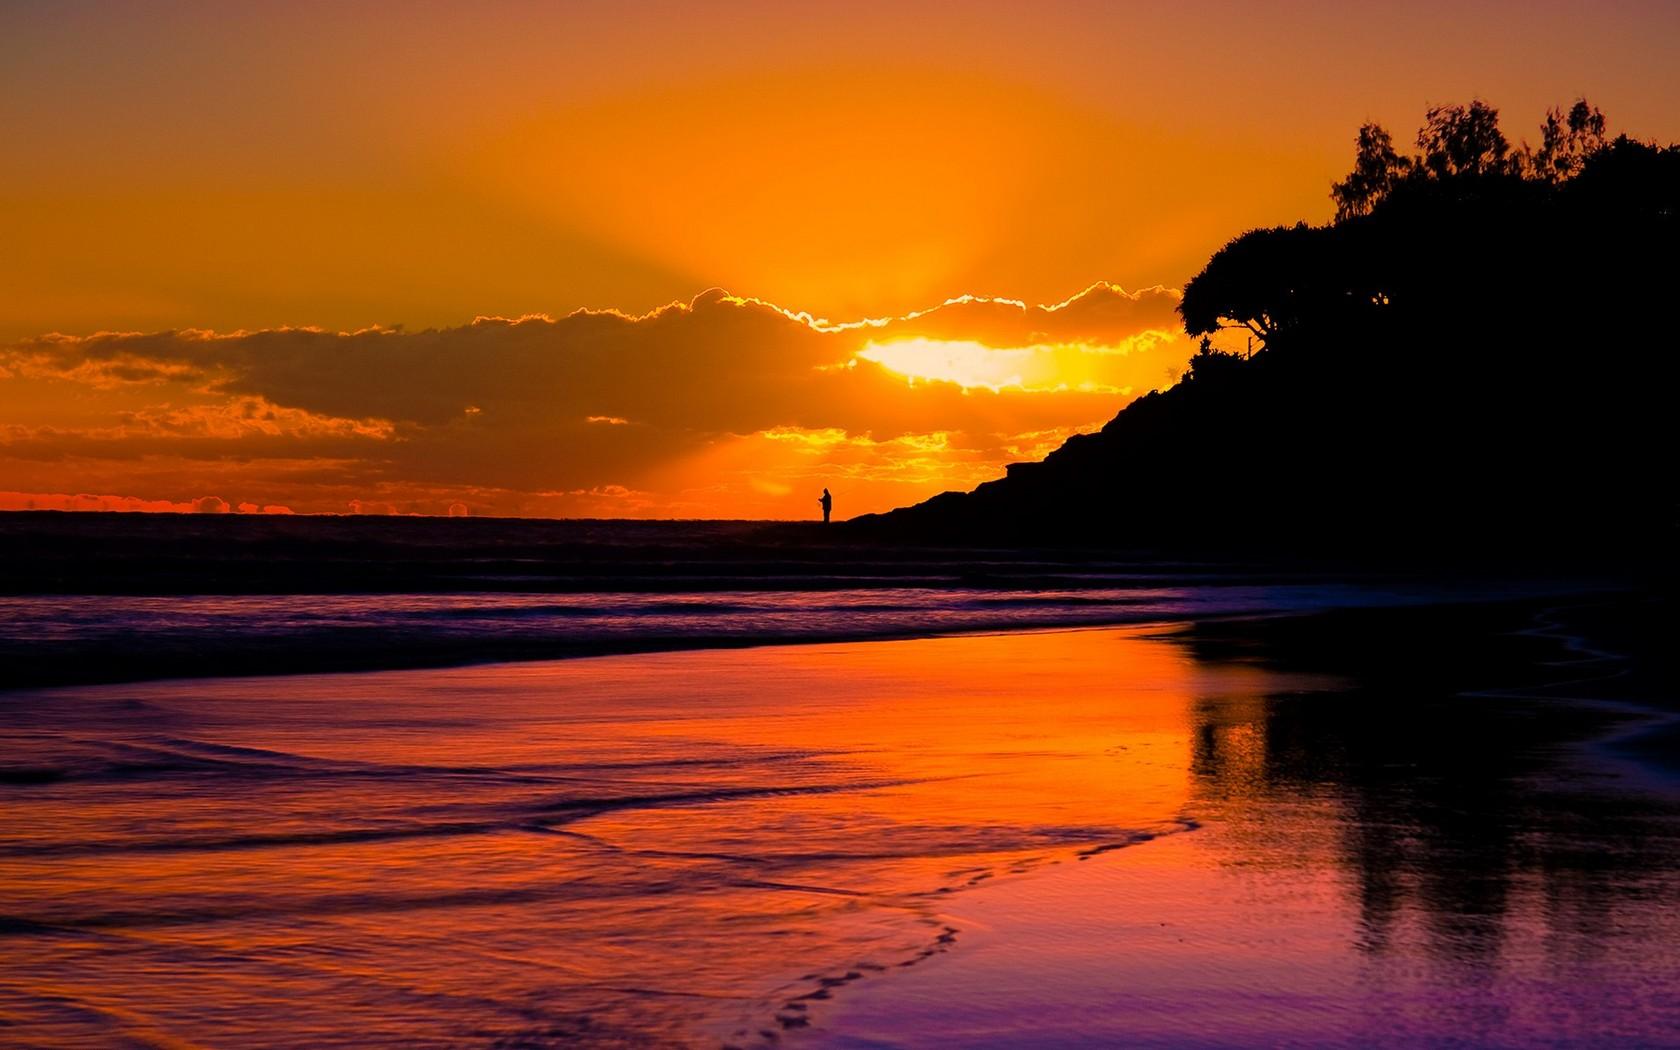 beach sunset landscape 5 HD Wallpaper | Landscape Wallpapers